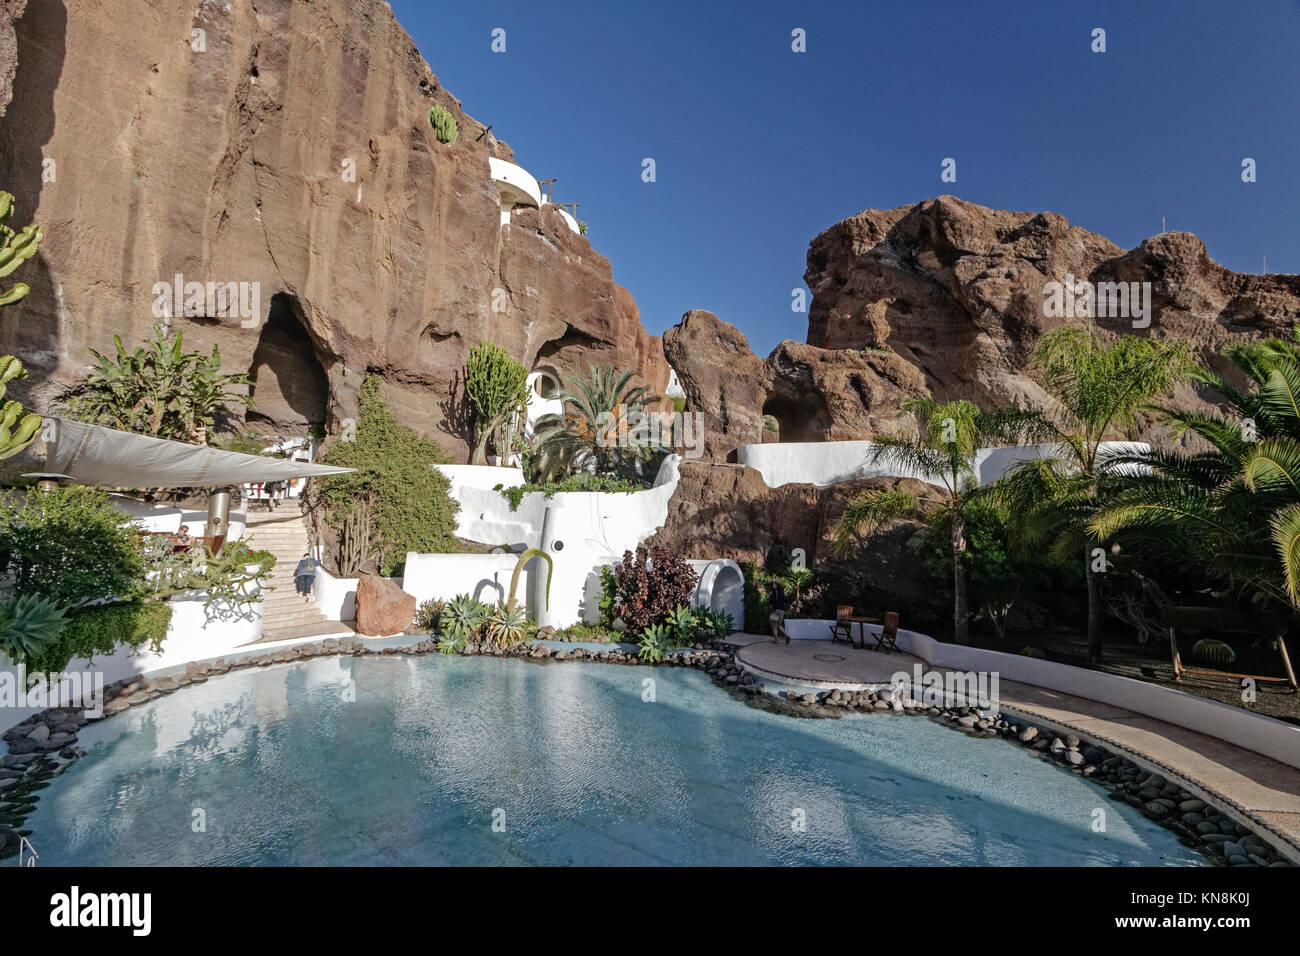 Lagomar Haus von Nazaret, Casa Sharif Omar, Haus Garten Pool, Lanzarote Stockbild